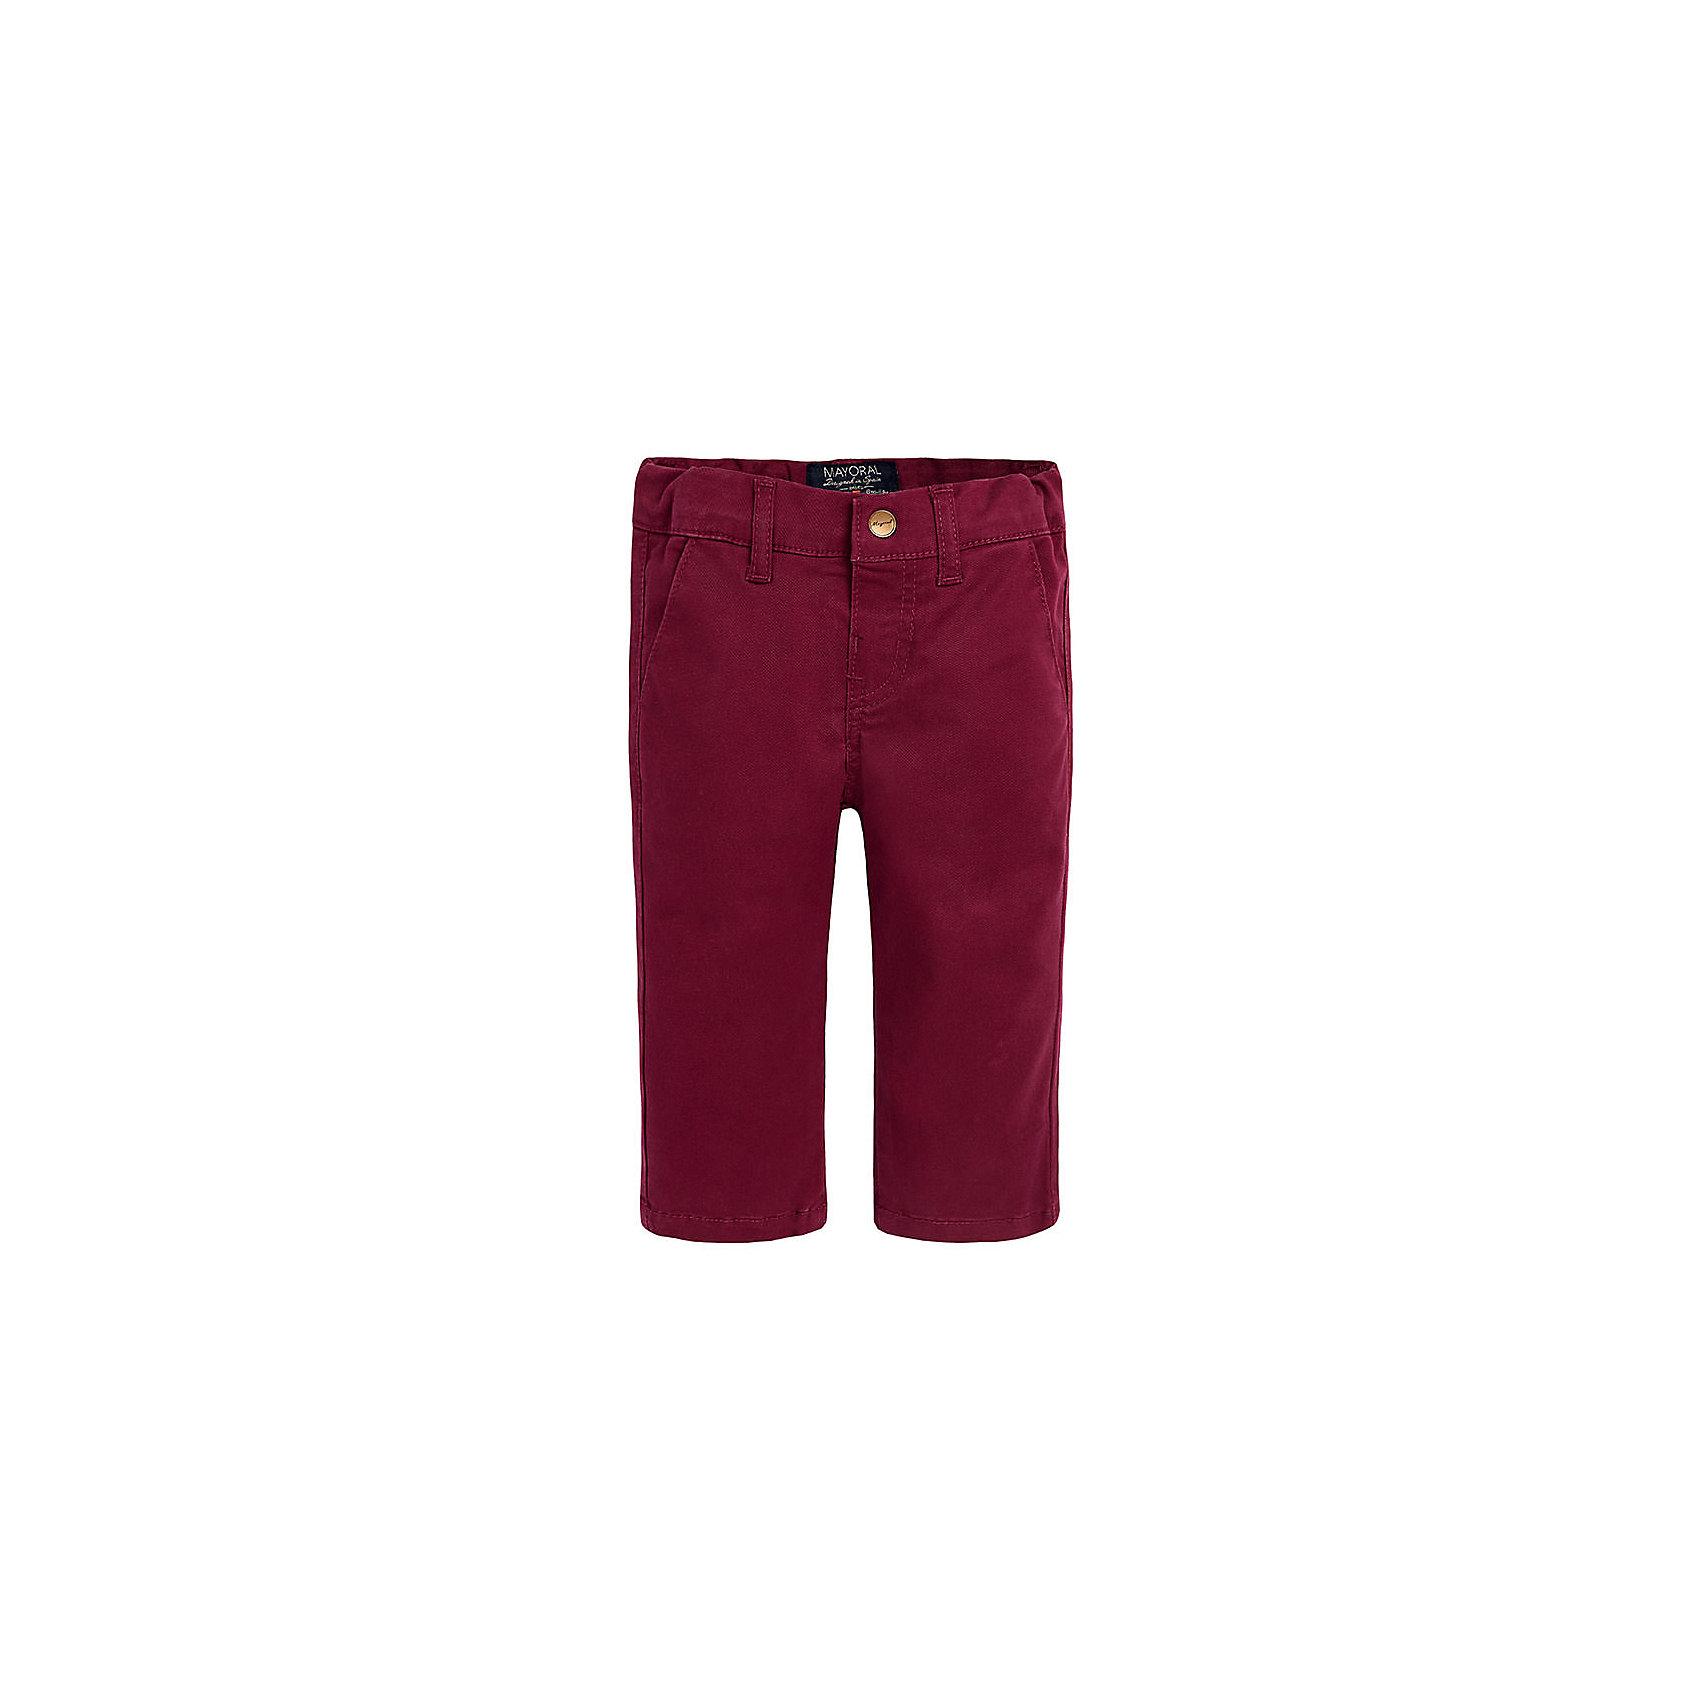 Брюки для мальчика MayoralБрюки<br>Удлиненные джинсовые шорты зауженного кроя, отличный вариант для лета или теплой осени!<br><br>Дополнительная информация:<br><br>- Крой: зауженный крой (Slim fit).<br>- Страна бренда: Испания.<br>- Состав: хлопок 98%, эластан 2%.<br>- Цвет: бежевый.<br>- Уход: бережная стирка при 30 градусах.<br><br>Купить брюки для мальчика Mayoral можно в нашем магазине.<br><br>Ширина мм: 215<br>Глубина мм: 88<br>Высота мм: 191<br>Вес г: 336<br>Цвет: бежевый<br>Возраст от месяцев: 12<br>Возраст до месяцев: 15<br>Пол: Мужской<br>Возраст: Детский<br>Размер: 80,86,92<br>SKU: 4826683